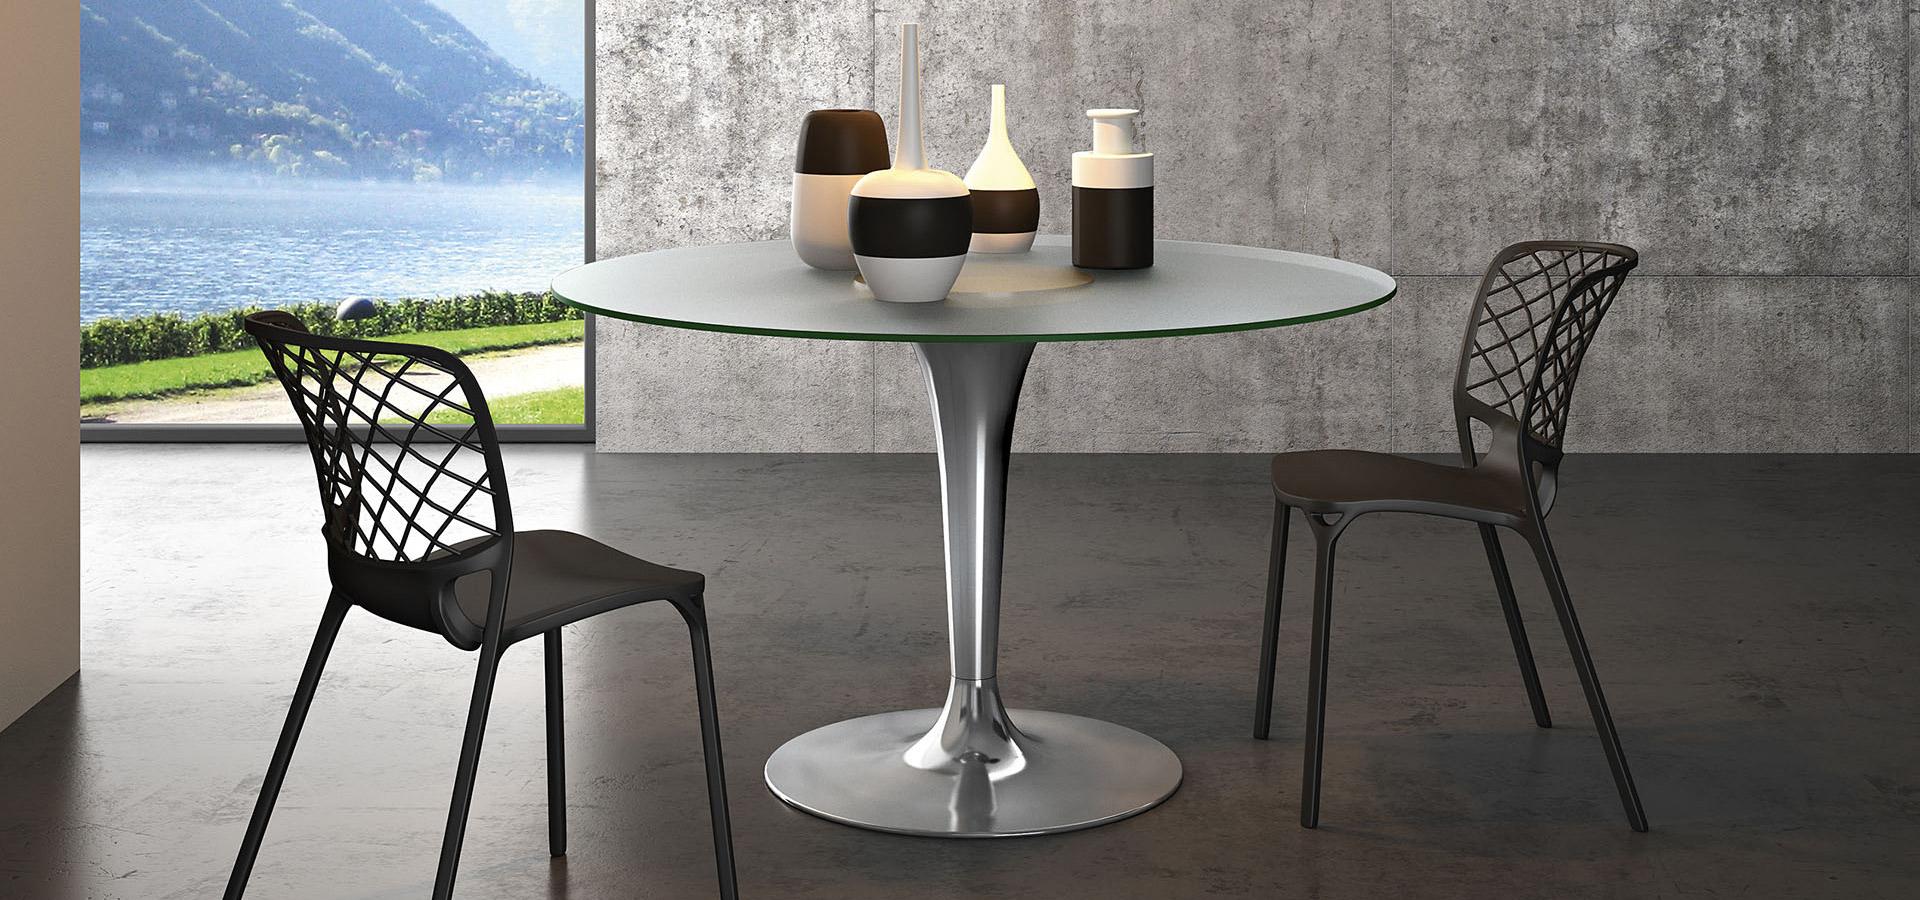 Mesas y sillas modernas d cocina huelva for Sillas modernas 2016